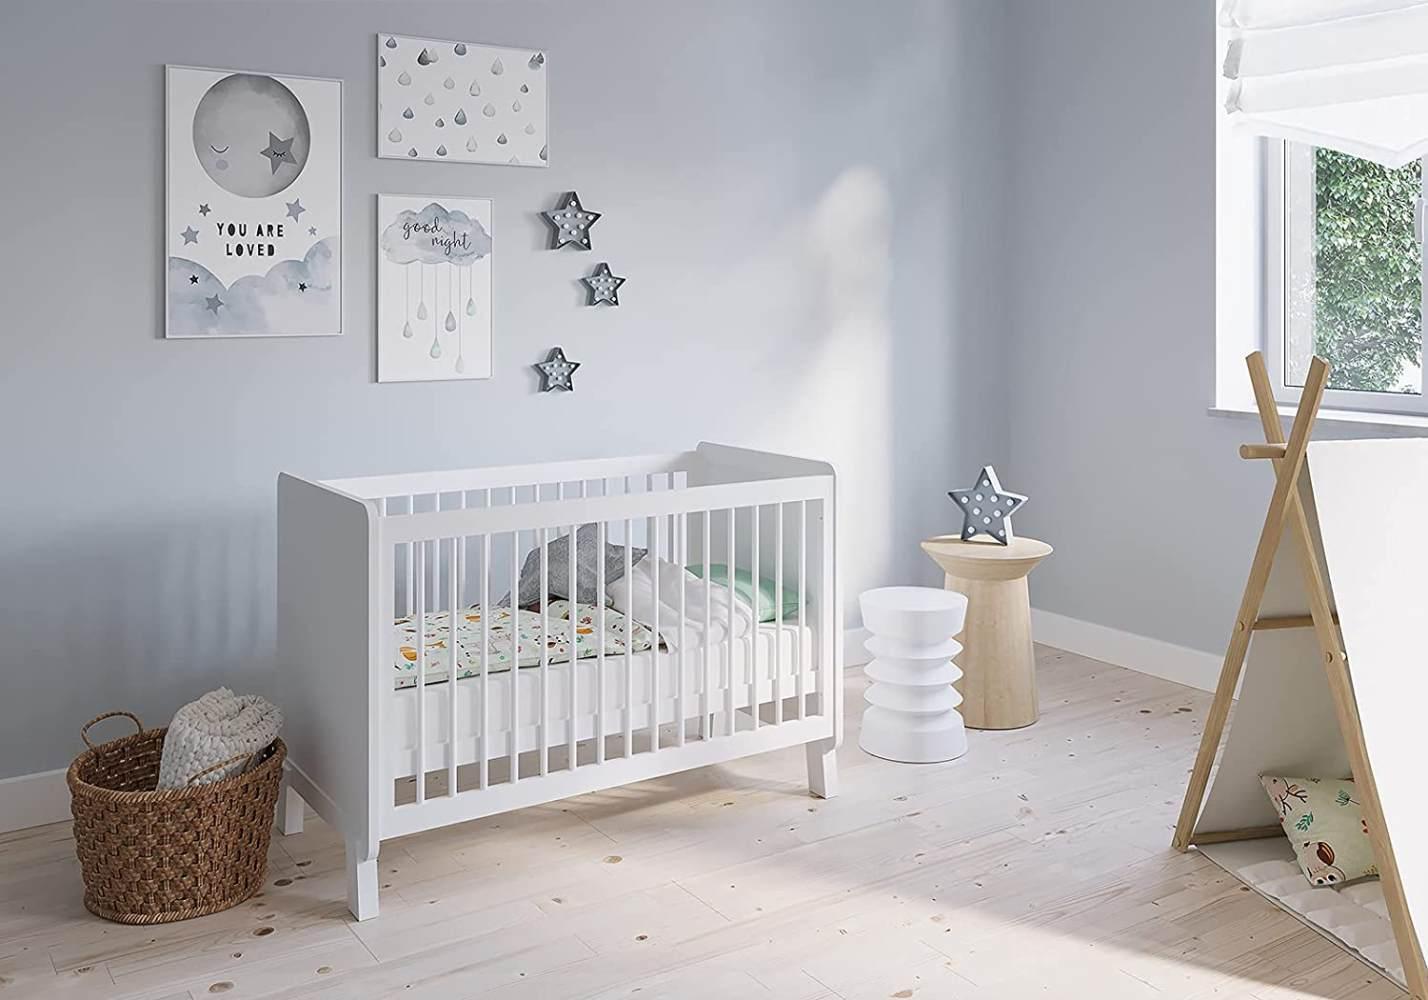 FabiMax 'Nachteule' Kinderbett, 60 x 120 cm, weiß, Kiefer massiv, 3-fach höhenverstellbar, umbaubar, mit Matratze Classic Bild 1